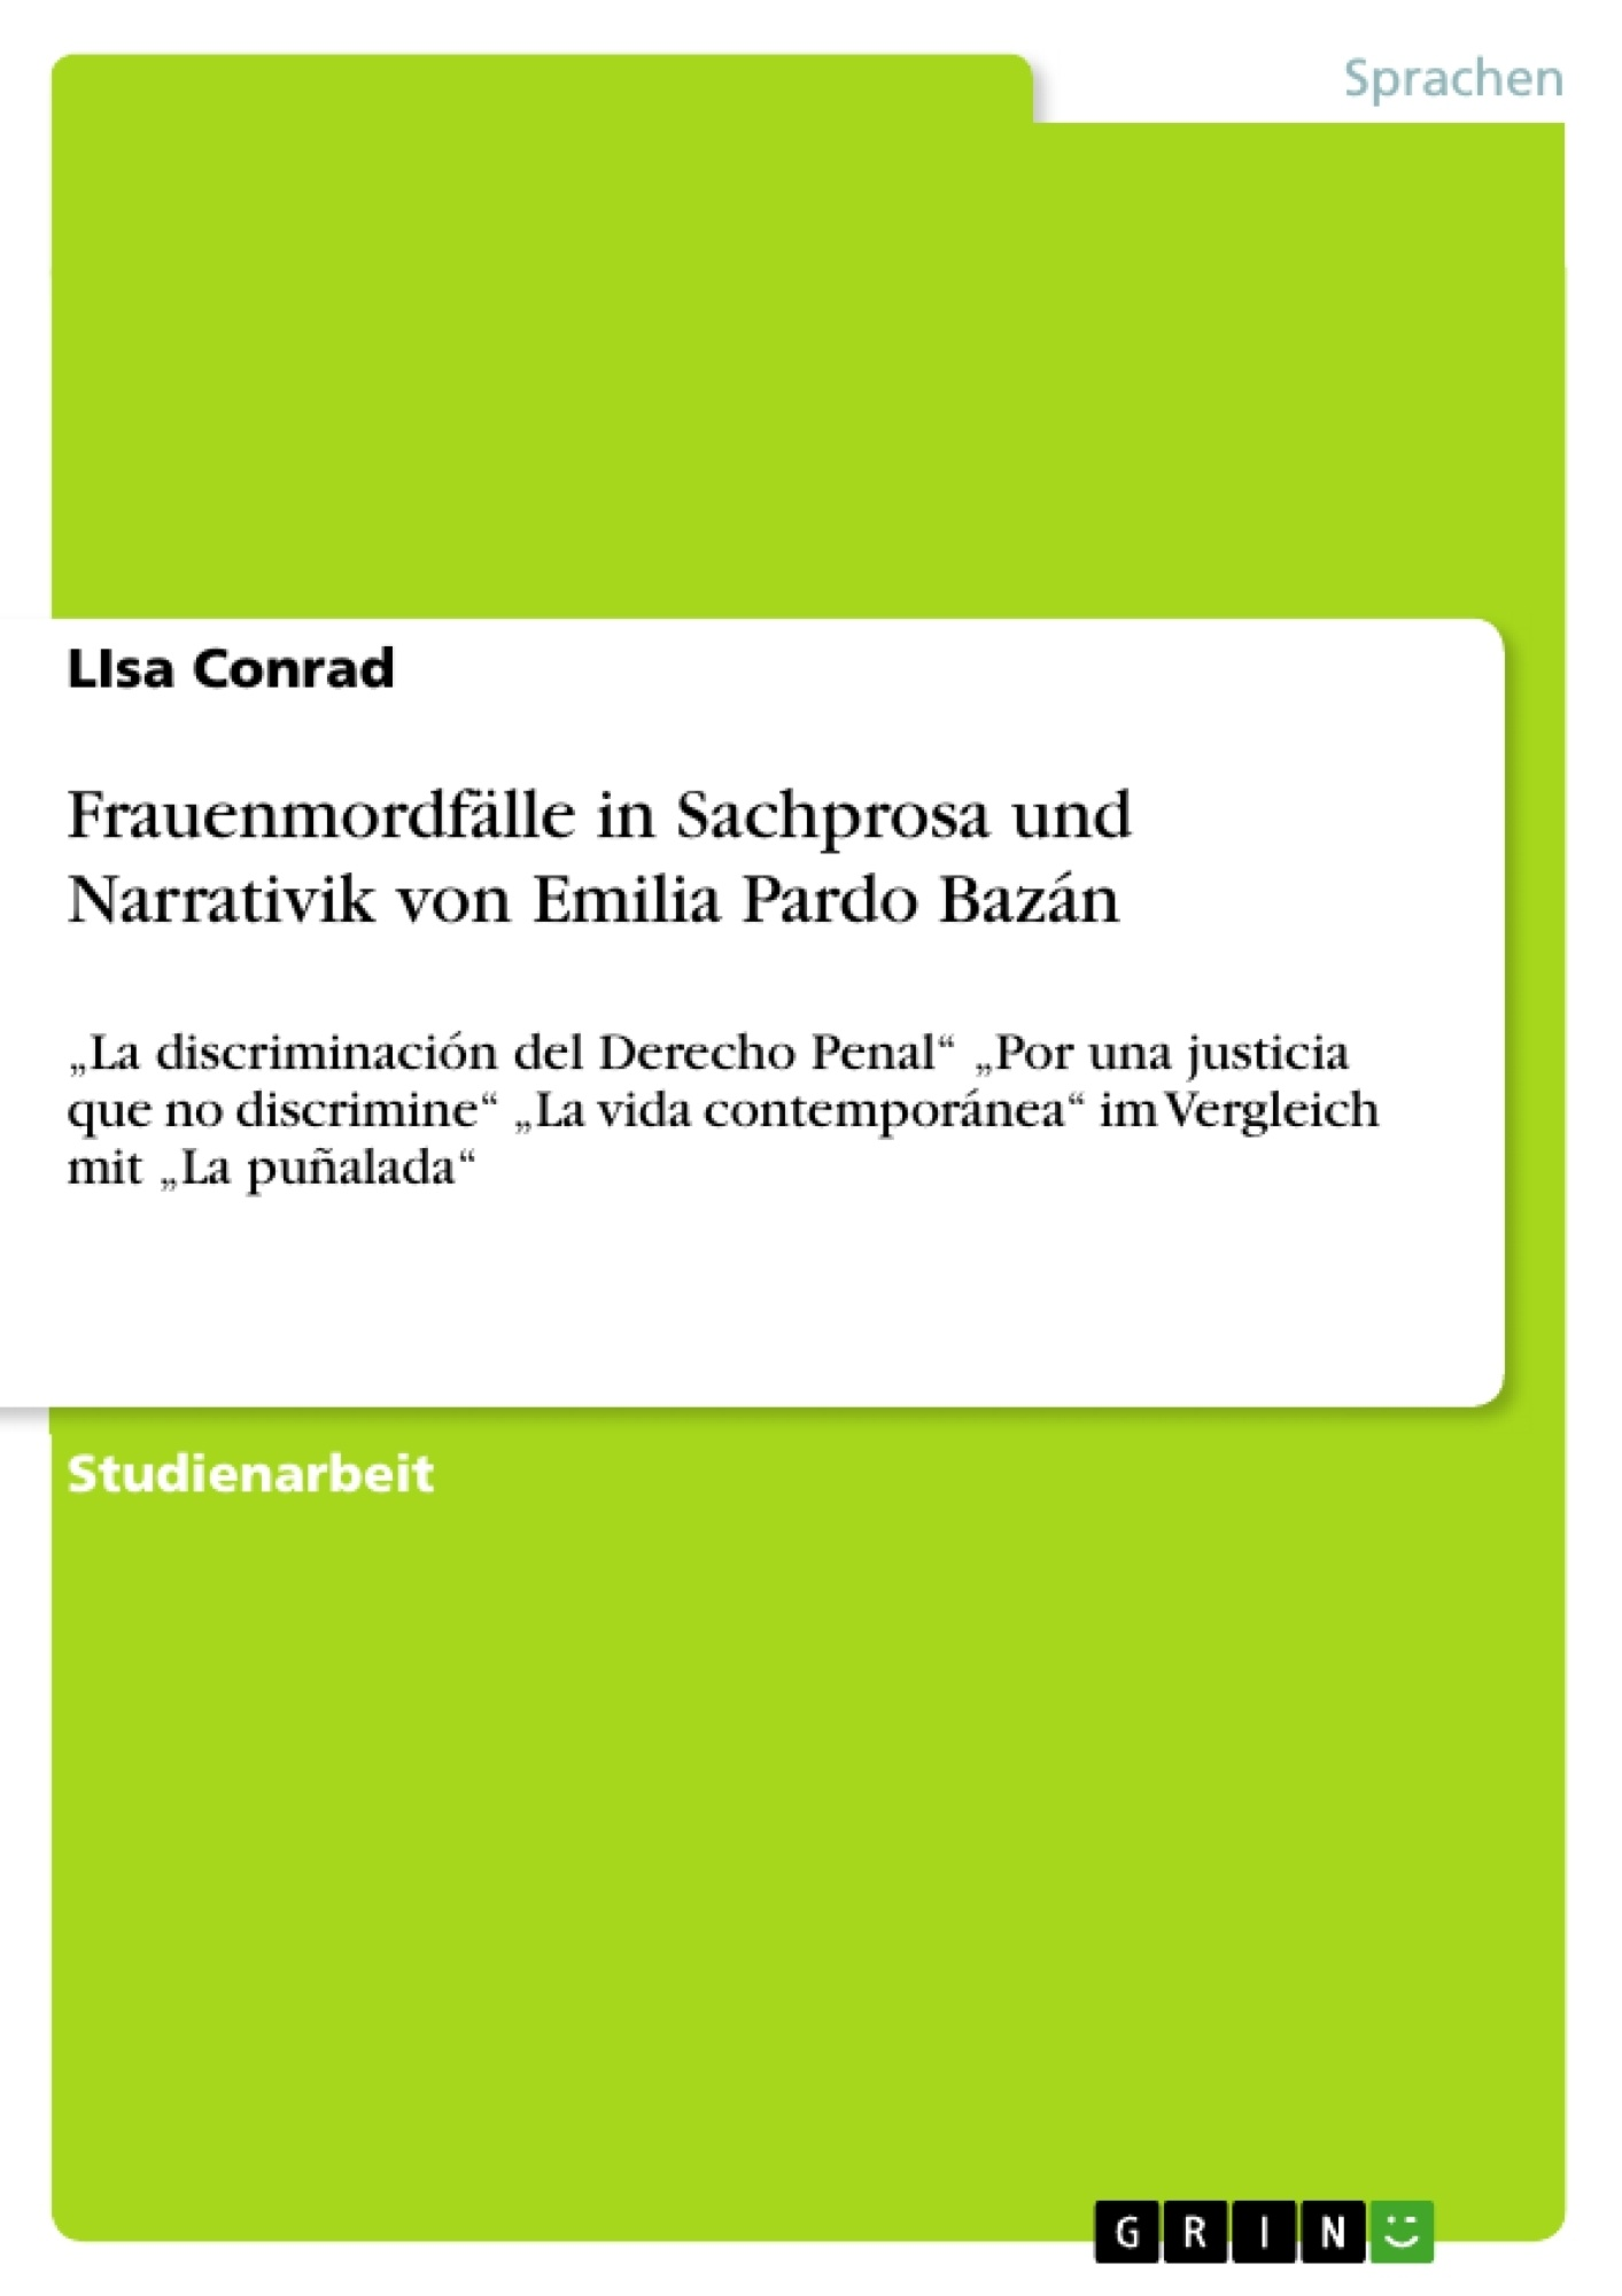 Titel: Frauenmordfälle in Sachprosa und Narrativik von Emilia Pardo Bazán